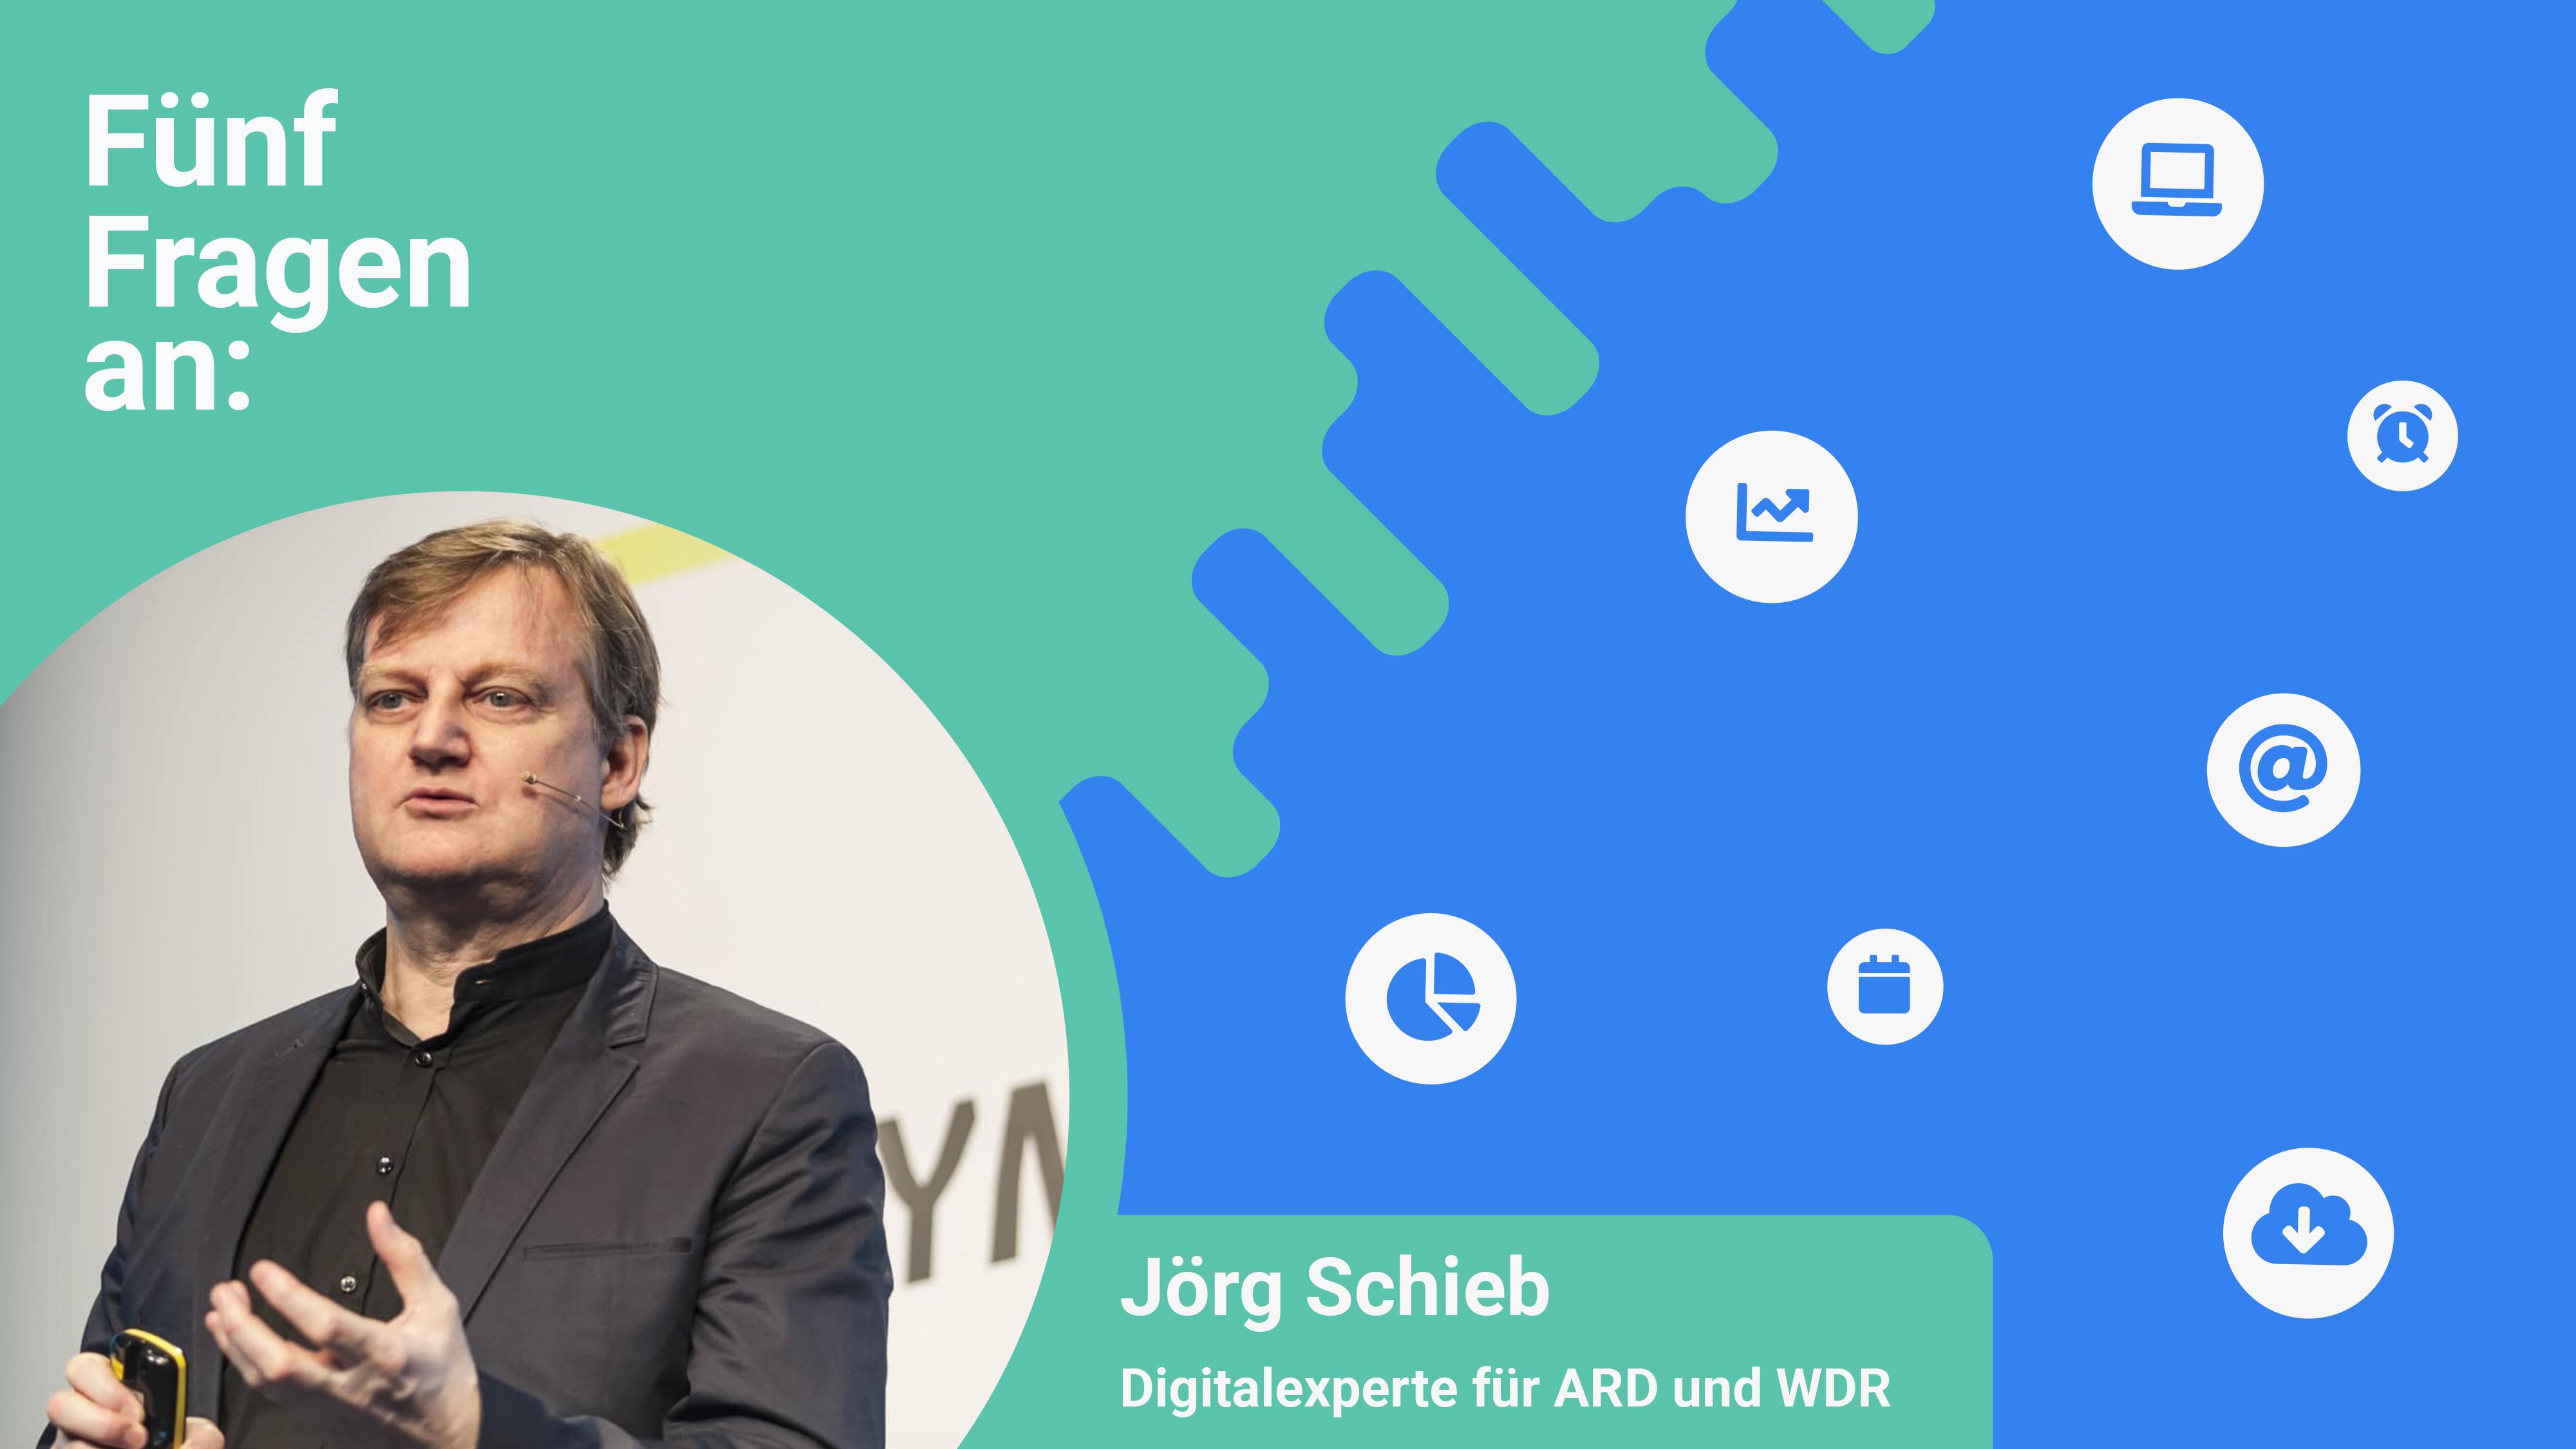 Jörg Schieb, Digitalexperte von ARD und WDR